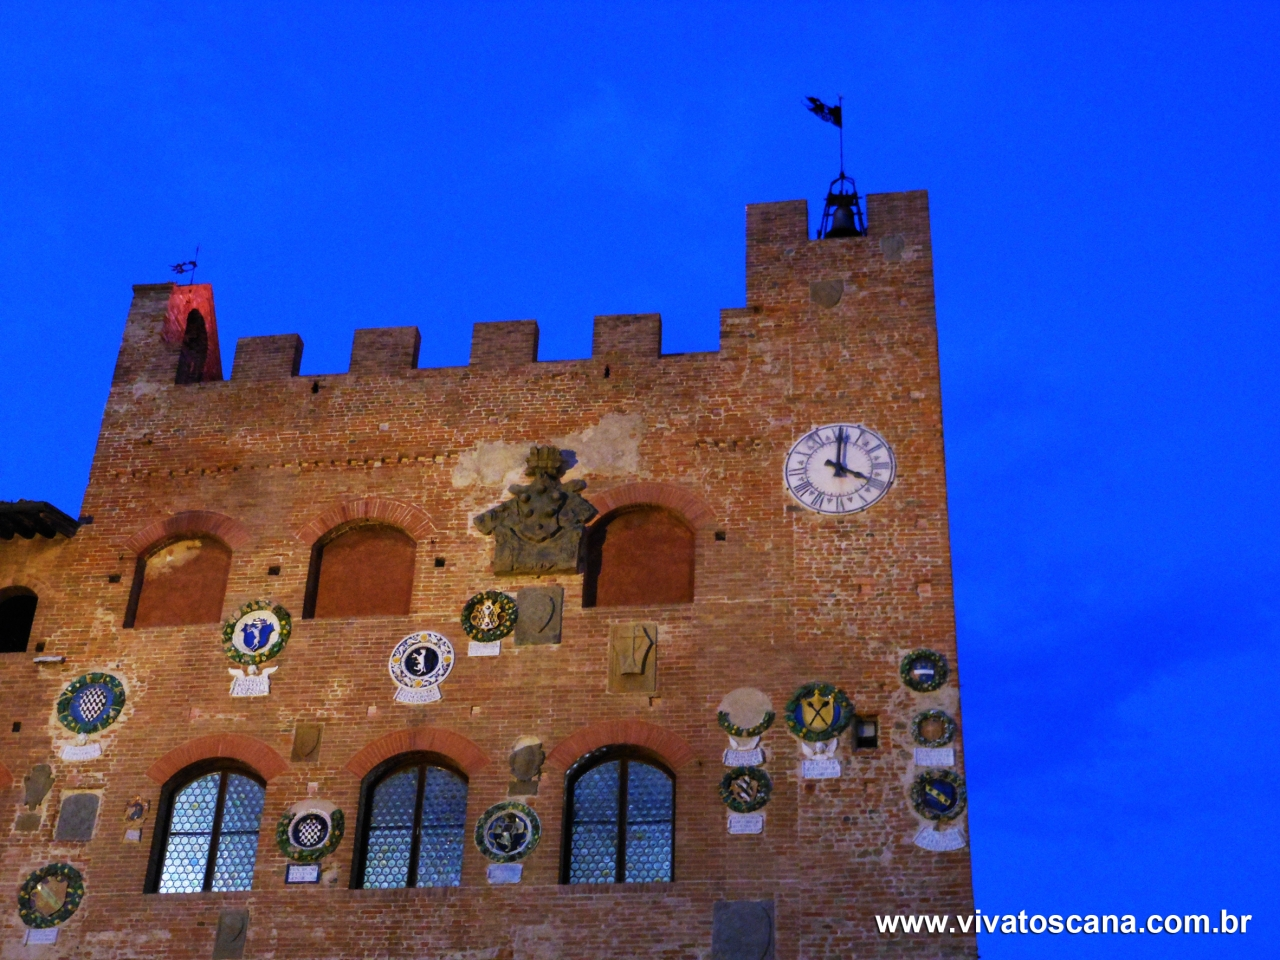 Palazzo Pretorio de Certaldo